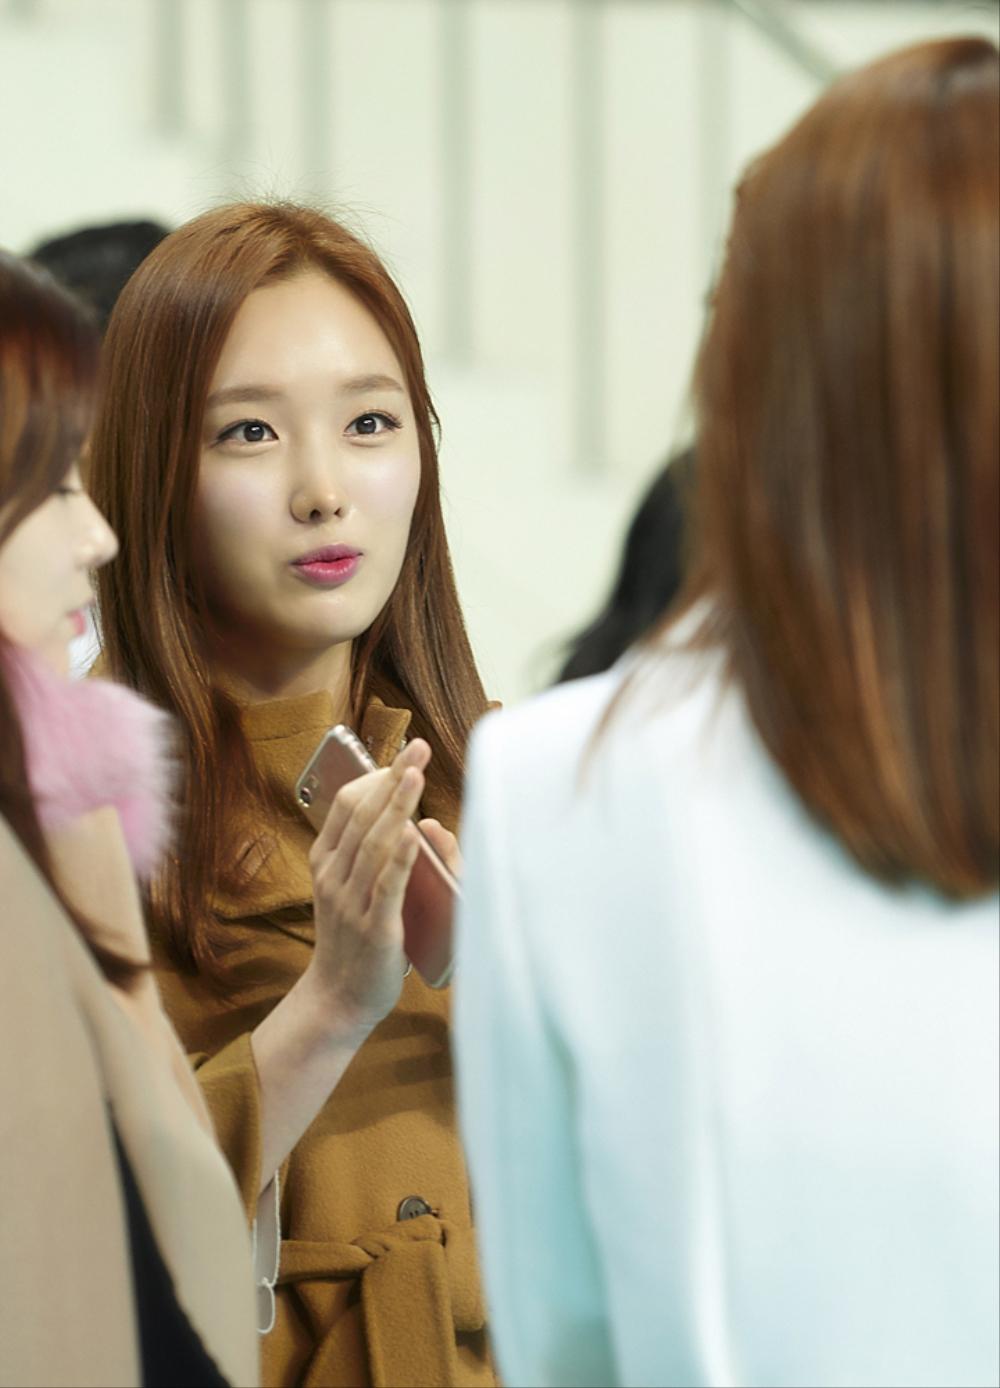 김세연 아나운서의 감탄